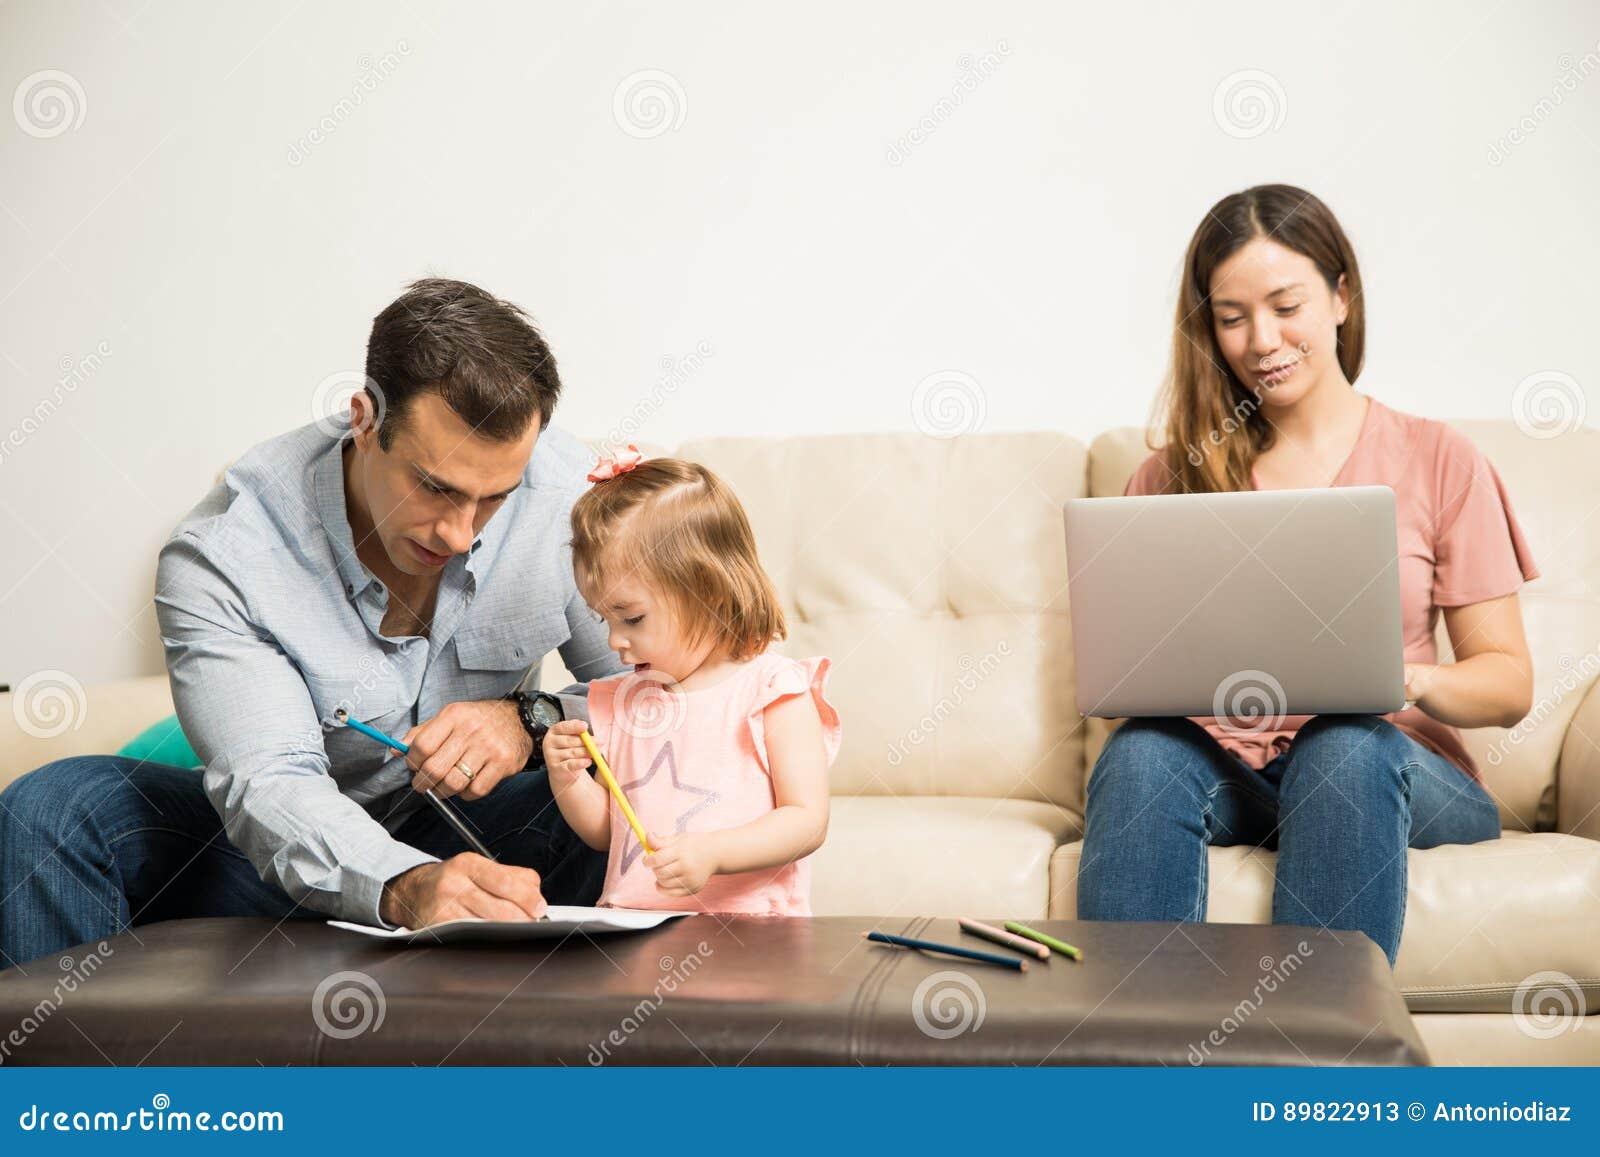 Colorante Con El Papá Mientras Que La Mamá Trabaja Imagen de archivo ...